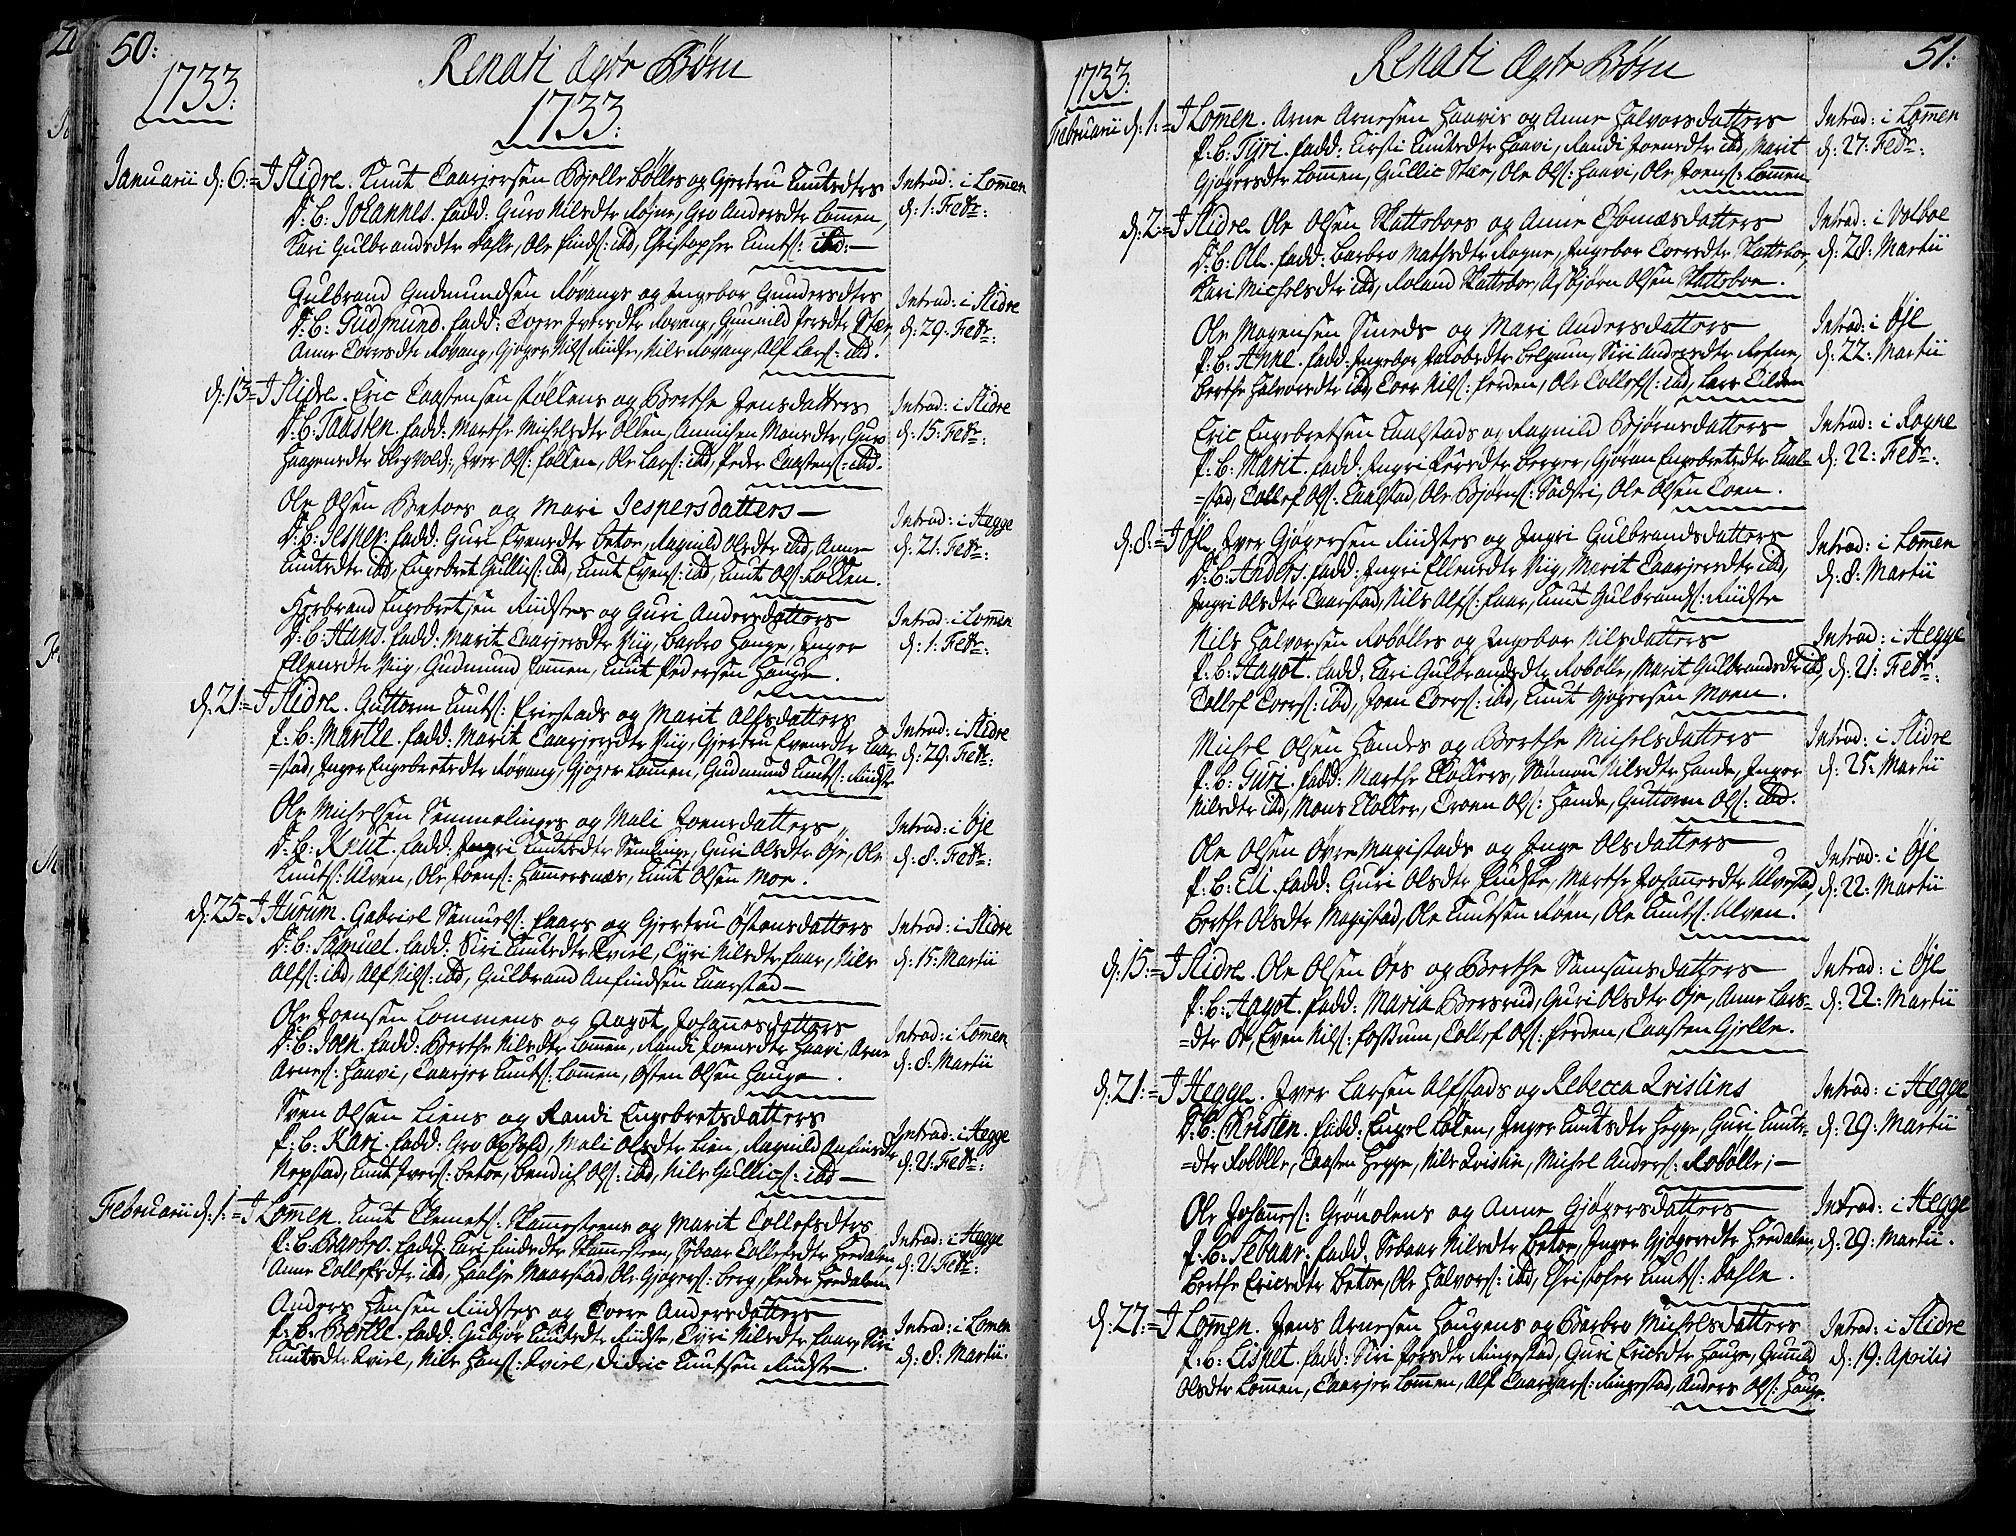 SAH, Slidre prestekontor, Ministerialbok nr. 1, 1724-1814, s. 50-51